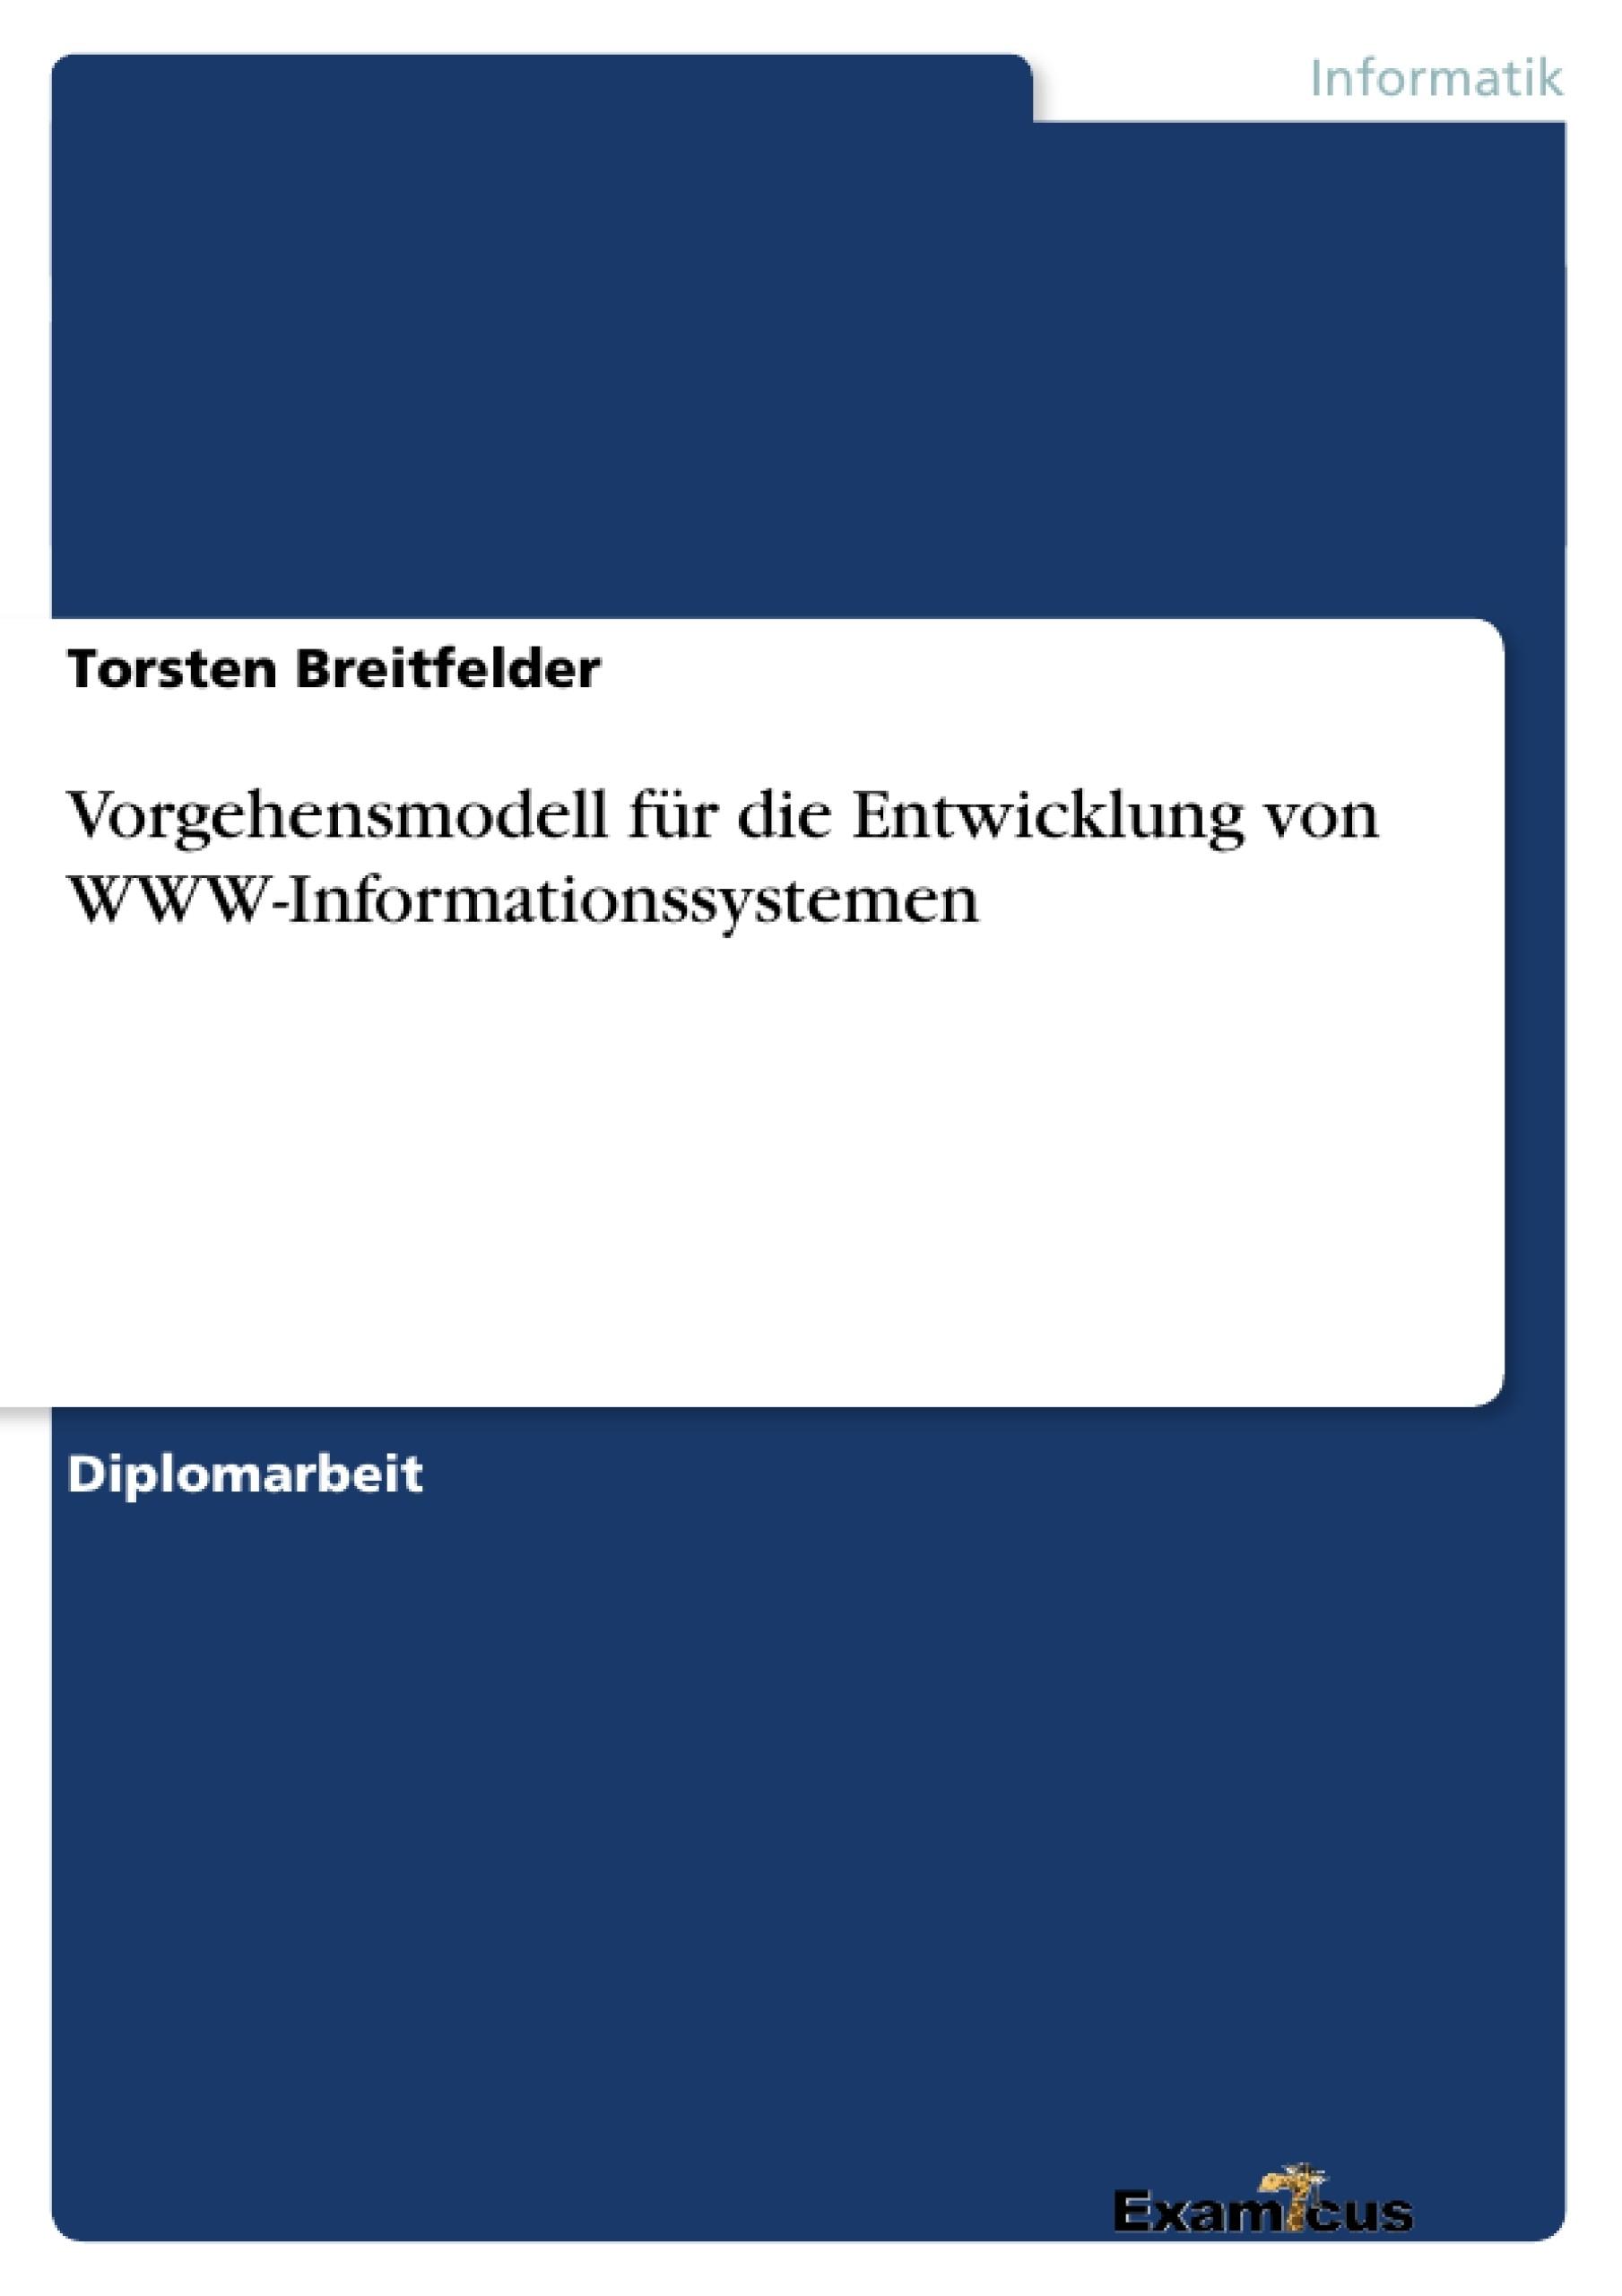 Titel: Vorgehensmodell für die Entwicklung von WWW-Informationssystemen